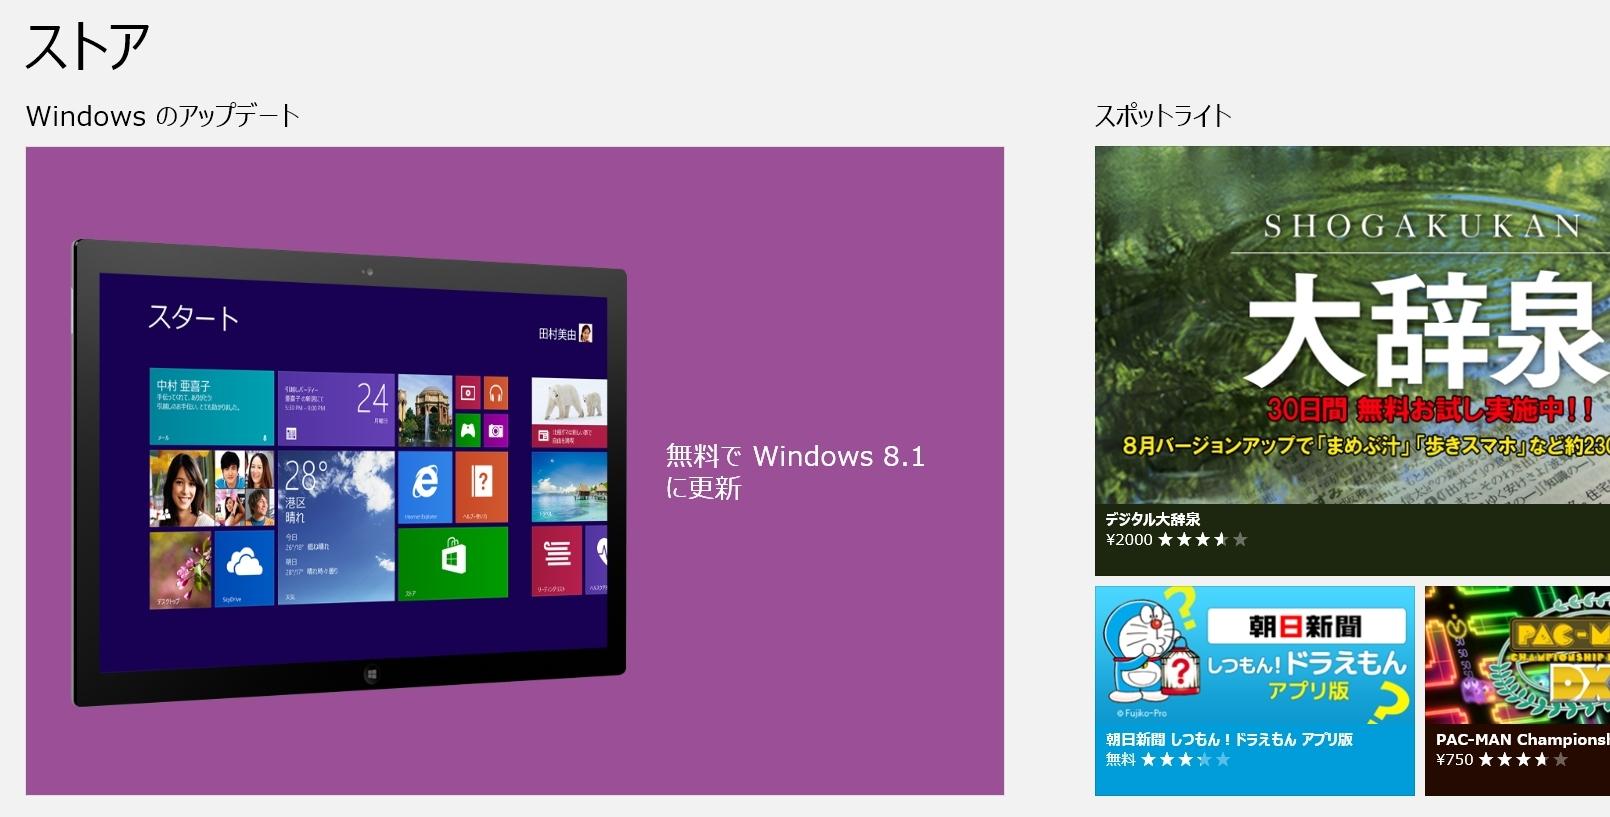 Win81_1-store3.jpg